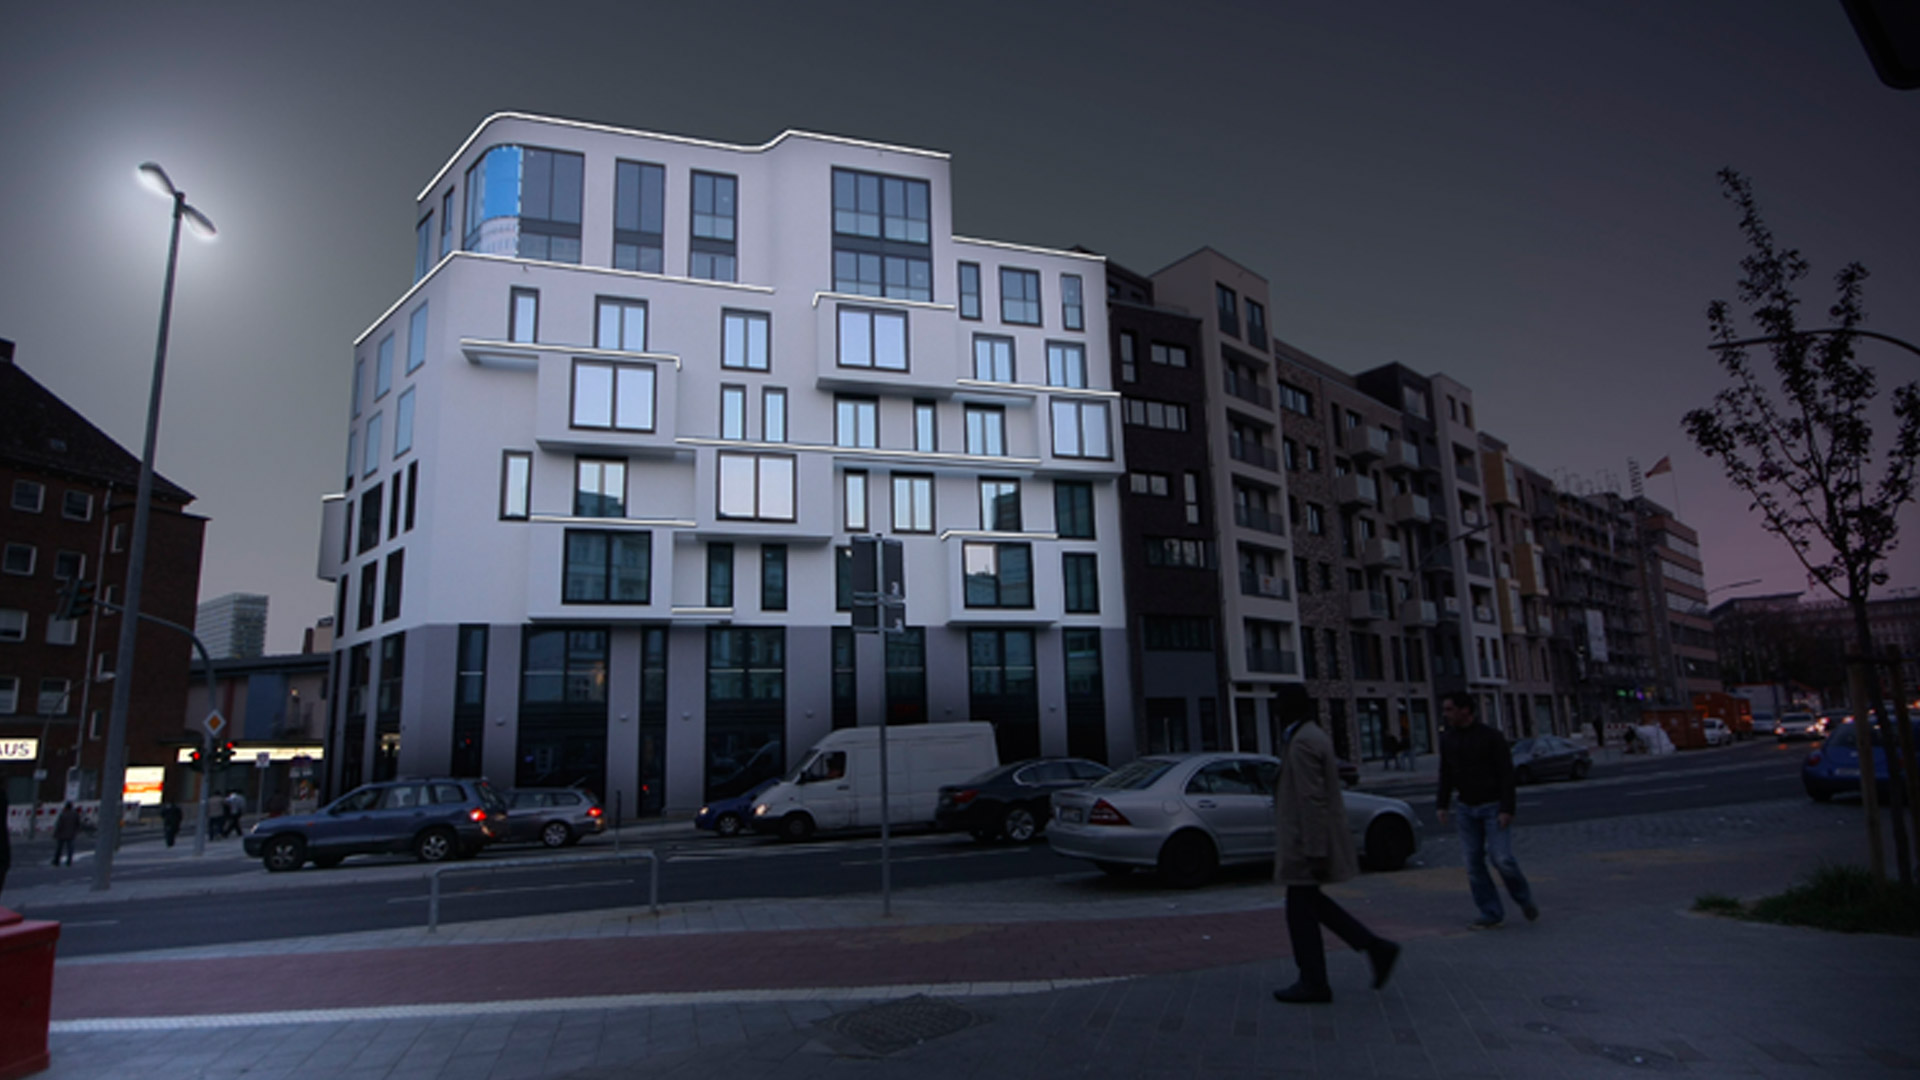 MAASS-Lichtplanung_Fassadenbeleuchtung Steinkreuzquartier in Hamburg__MAASS-Fassadenbeleuchtung-Steinkreuzquartier-003